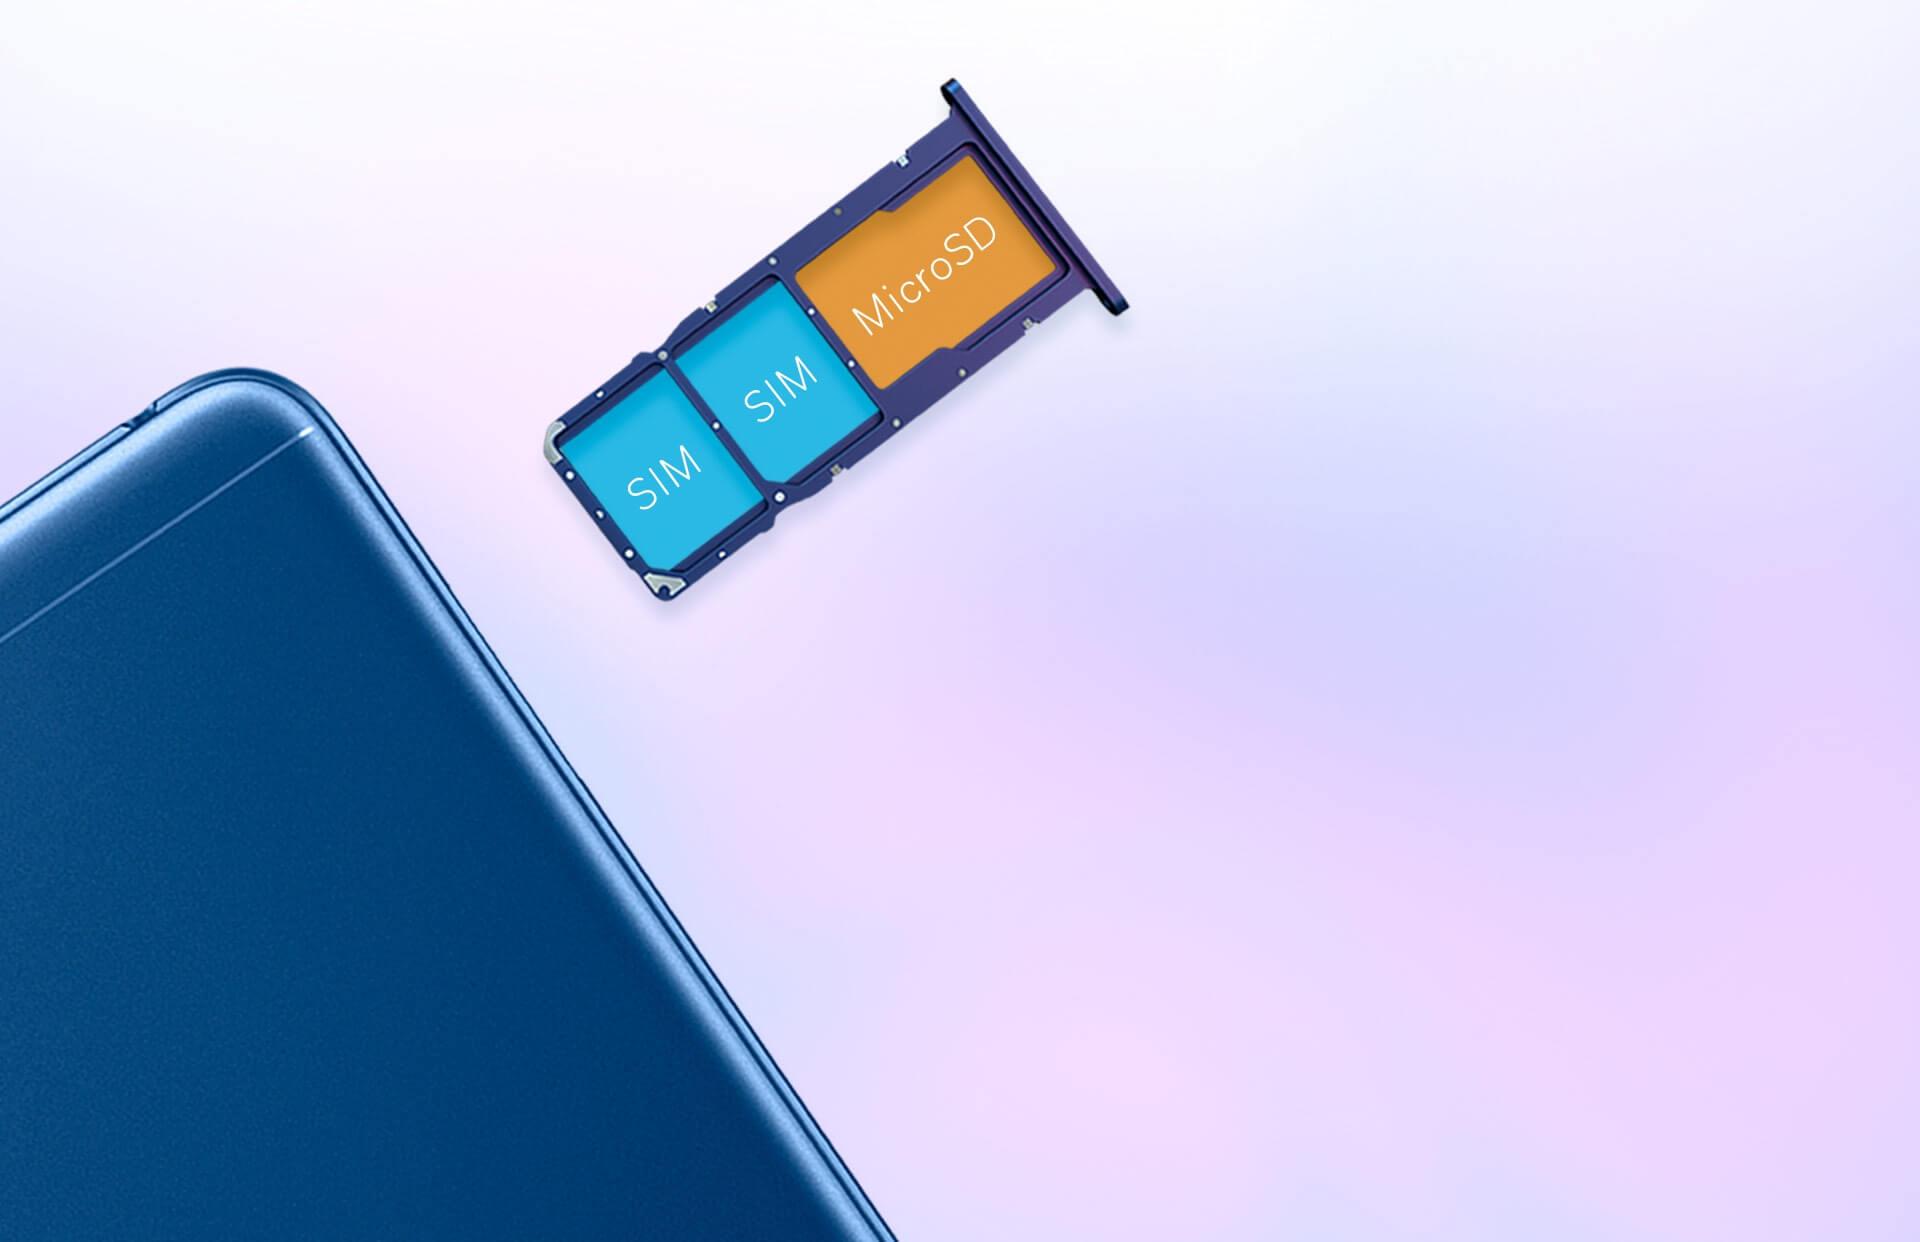 Смартфоны из Китая. Лидеры продаж на конец 2019 года - honor 7a с симками